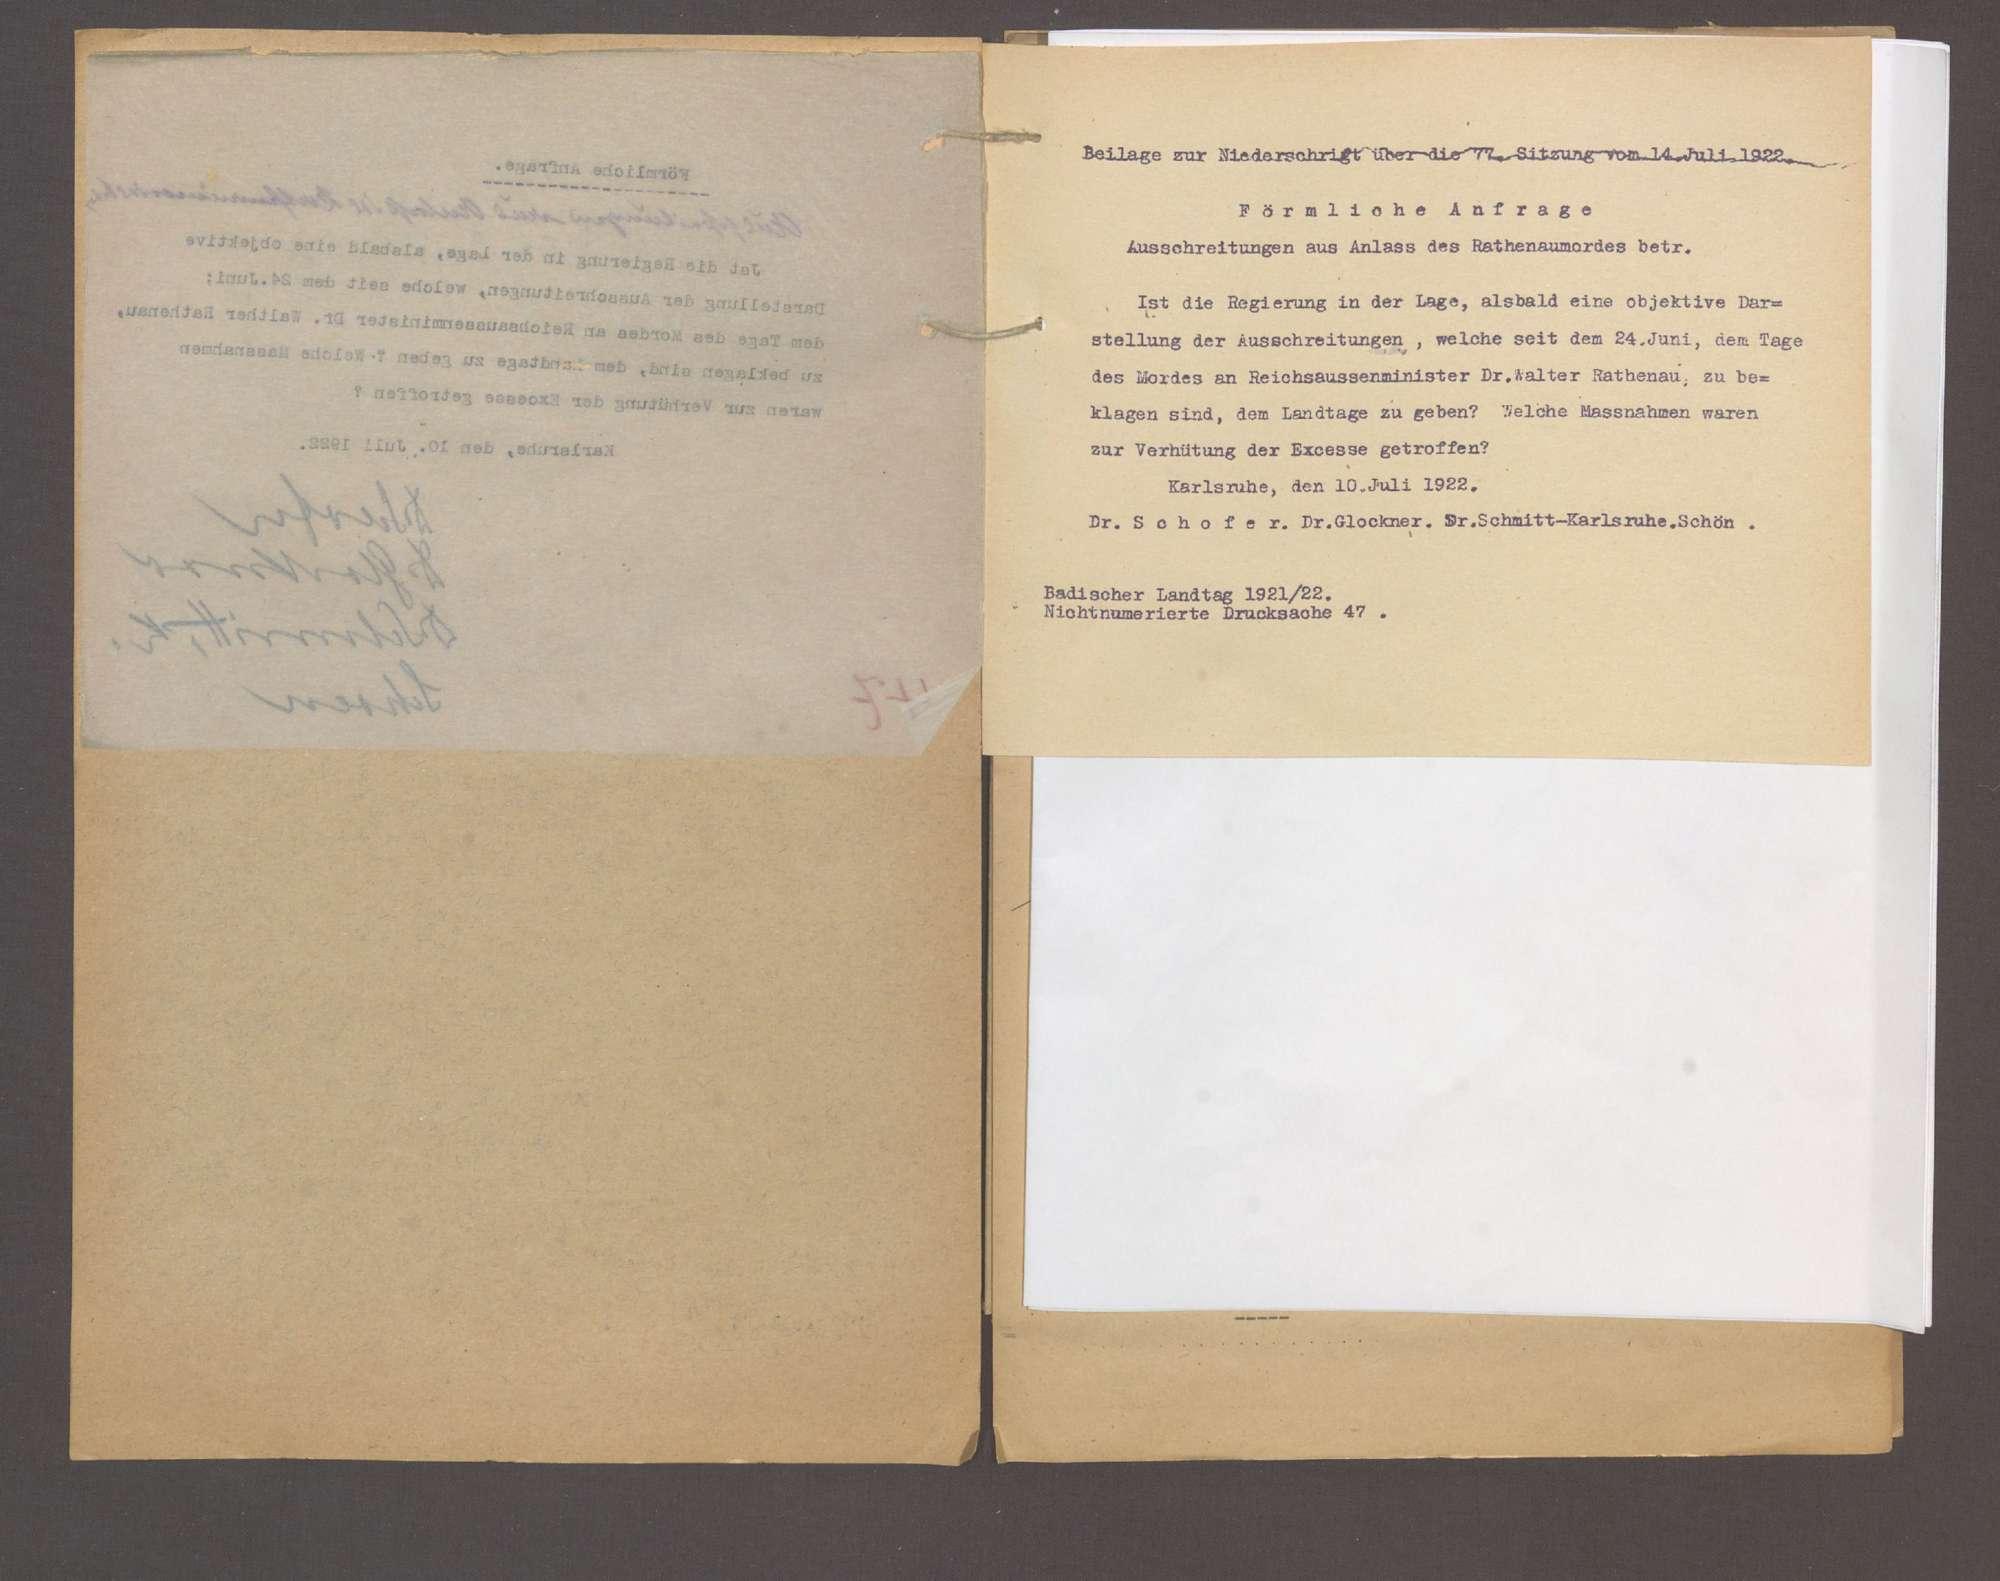 Förmliche Anfrage der Abg. Dr. Schofer und Gen., Ausschreitungen aus Anlaß des Rathenaumordes, Bild 3